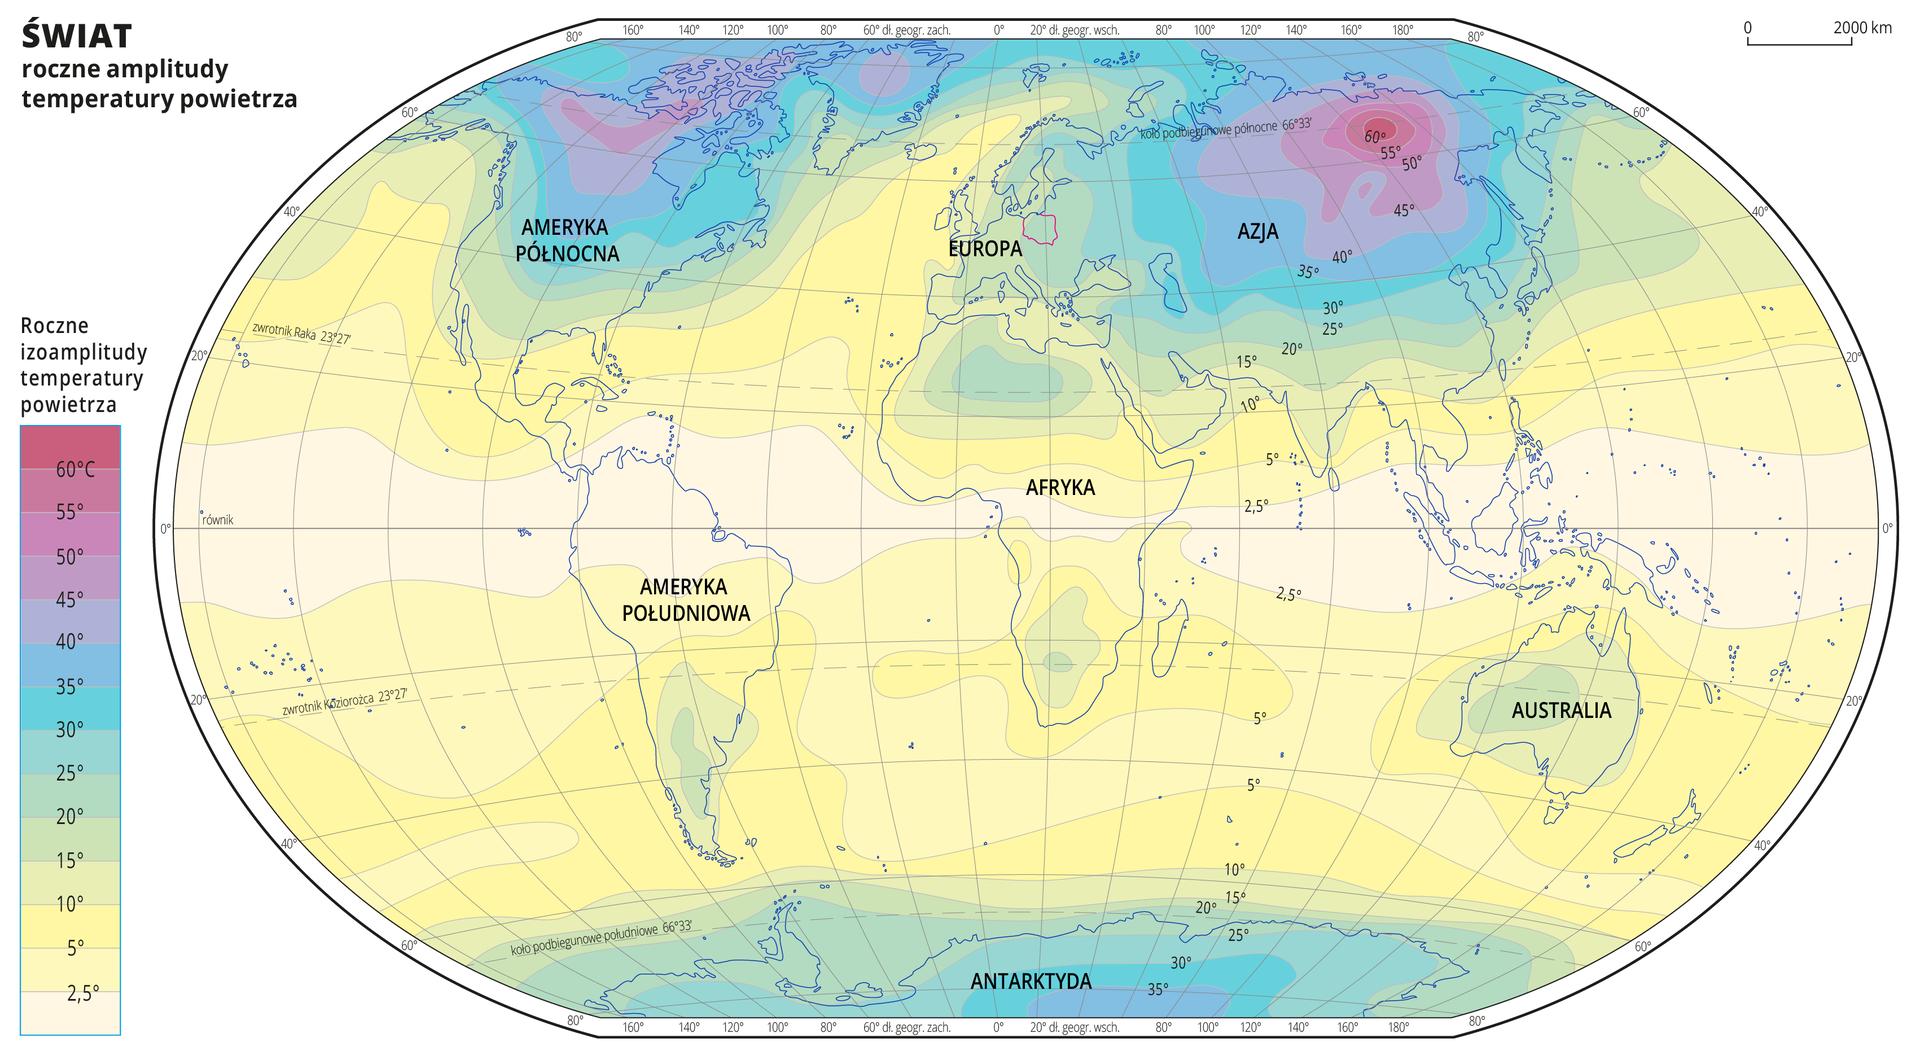 Ilustracja przedstawia mapę świata. Opisano kontynenty. Na mapie kolorami zaznaczono roczne amplitudy temperatury powietrza. Centralną część mapy pokrywa kolor jasnożółty. Na północy kolor żółty przechodzi wzielony iniebieski do czerwonego, ana południu wzielony do niebieskiego. Mapa pokryta jest równoleżnikami ipołudnikami. Dookoła mapy wbiałej ramce opisano współrzędne geograficzne co dwadzieścia stopni. Po lewej stronie mapy wlegendzie umieszczono prostokątny pionowy pasek. Pasek podzielono na czternaście części. Ugóry – odcienie czerwonego, dalej fioletowy, środek odcienie niebieskiego, dalej odcienie zielonego, na dole żółty do jasnożółtego. Linie oddzielające poszczególne kolory oznaczają roczne izoamplitudy temperatury powietrza isą opisane co pięć stopni, dodatkowo wydzielona jest izoamplituda dwa ipół stopnia Celsjusza, która jest najniższą roczną izoamplitudą temperatury powietrza opisaną na mapie iwlegendzie. Najwyższa roczna izoamplituda temperatury powietrza wynosi sześćdziesiąt stopni Celsjusza. Kolor żółty oznacza najniższe roczne izoamplitudy temperatury powietrza ipokrywa tereny wzdłuż równika, kolor czerwony obrazuje najwyższe roczne izoamplitudy temperatury powietrza ipokrywa północne tereny Azji iAmeryki Północnej.